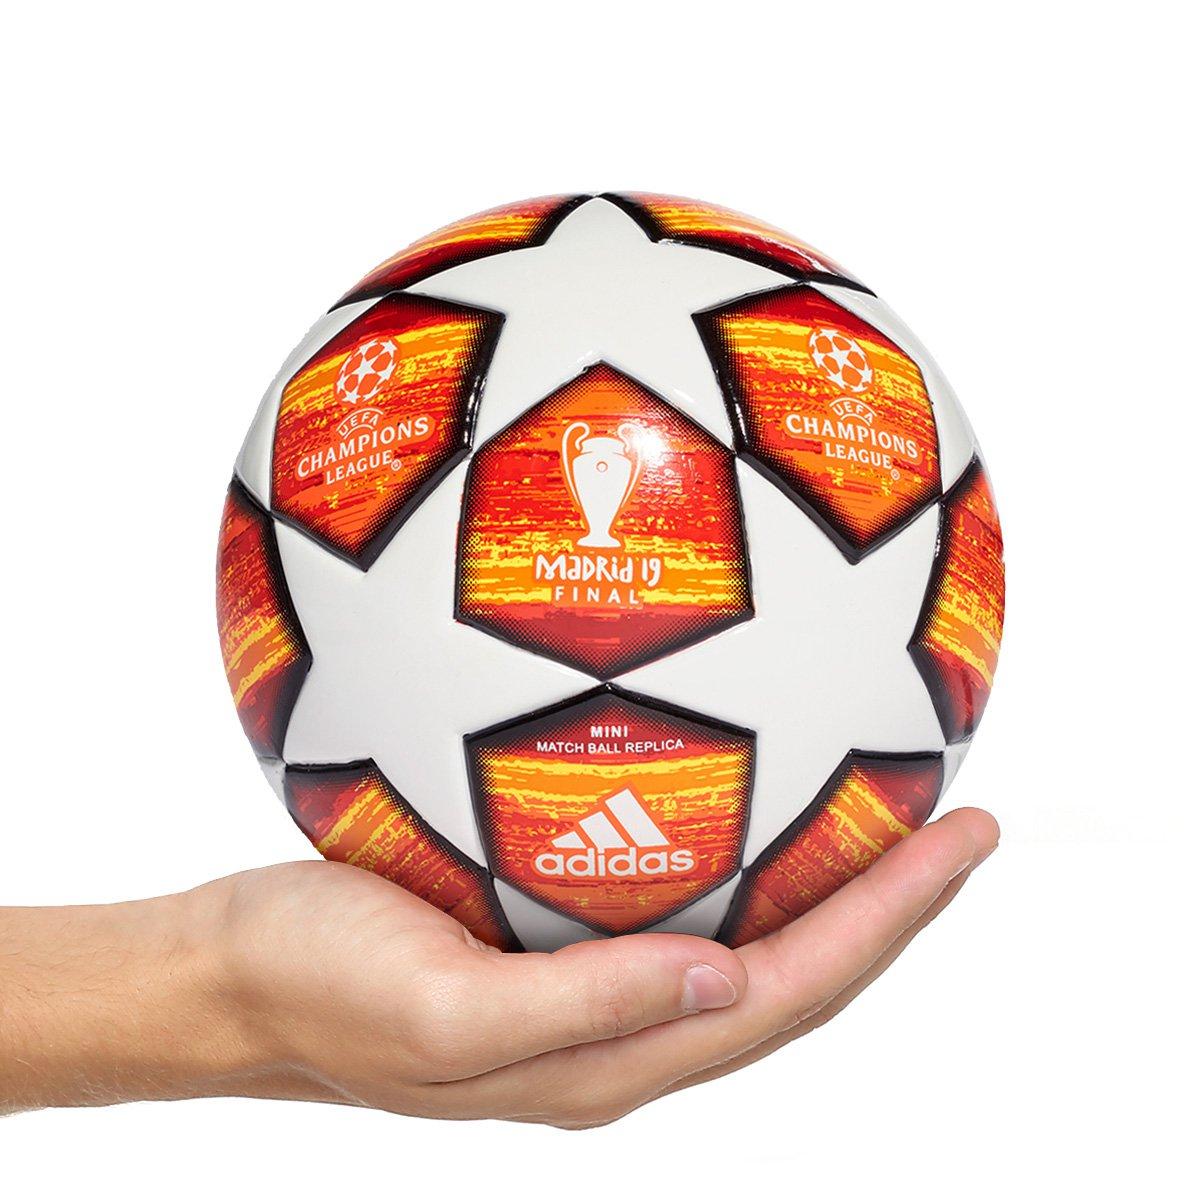 61ca6449537a0 Mini Bola Futebol Adidas Uefa Champions League Finale 19 Match Ball Replique  - Branco e Vermelho - Compre Agora